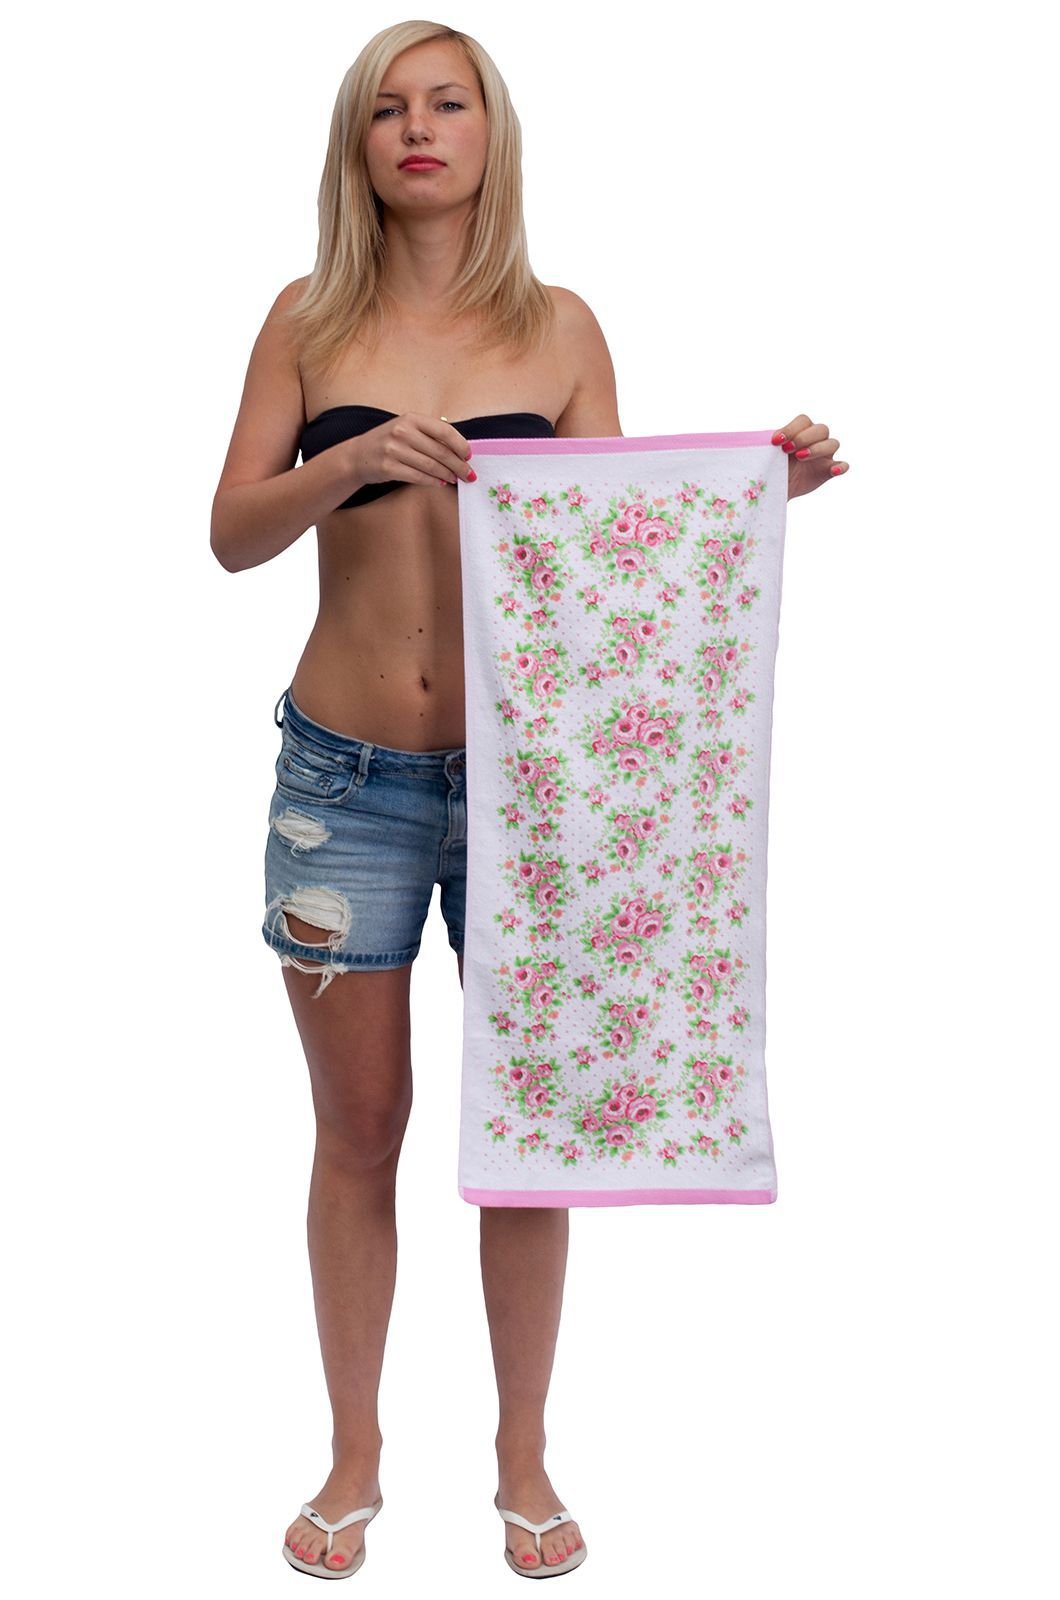 Полотенце для рук - купить онлайн